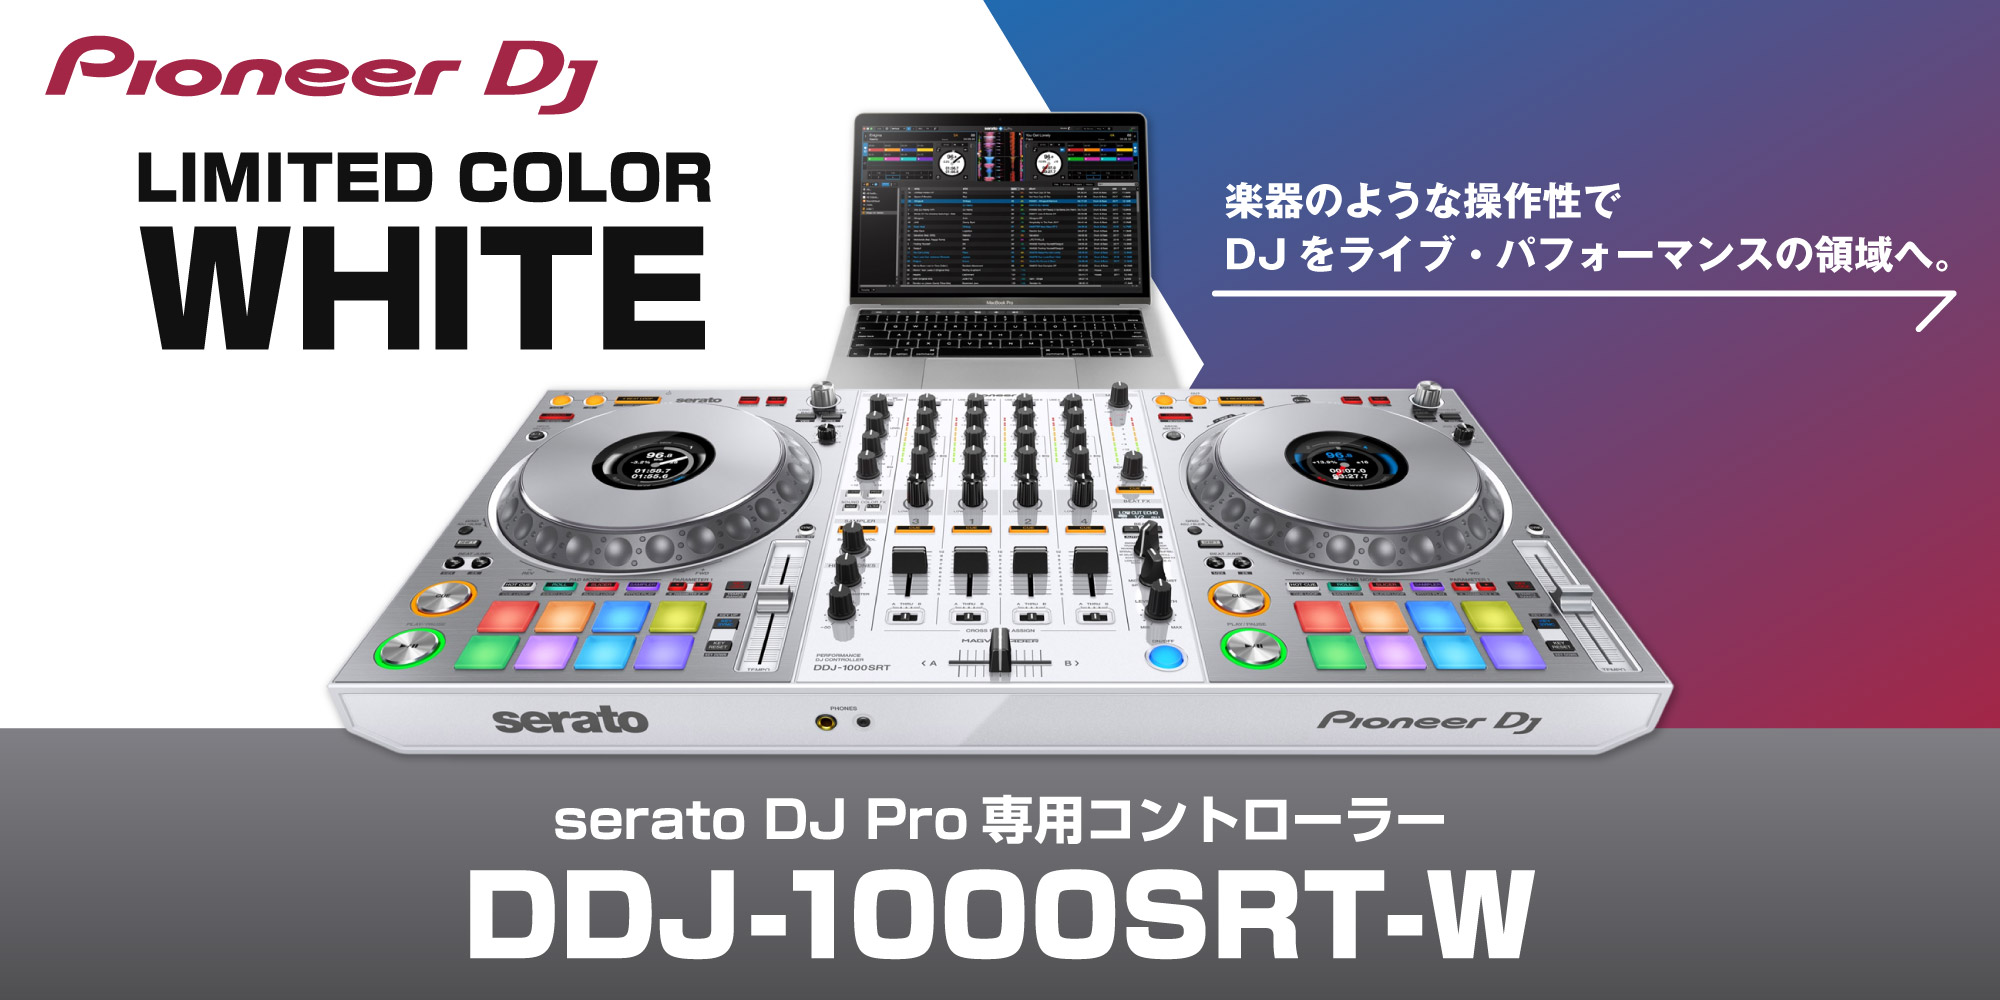 【DDJ-1000SRT-W |イケベ楽器店】